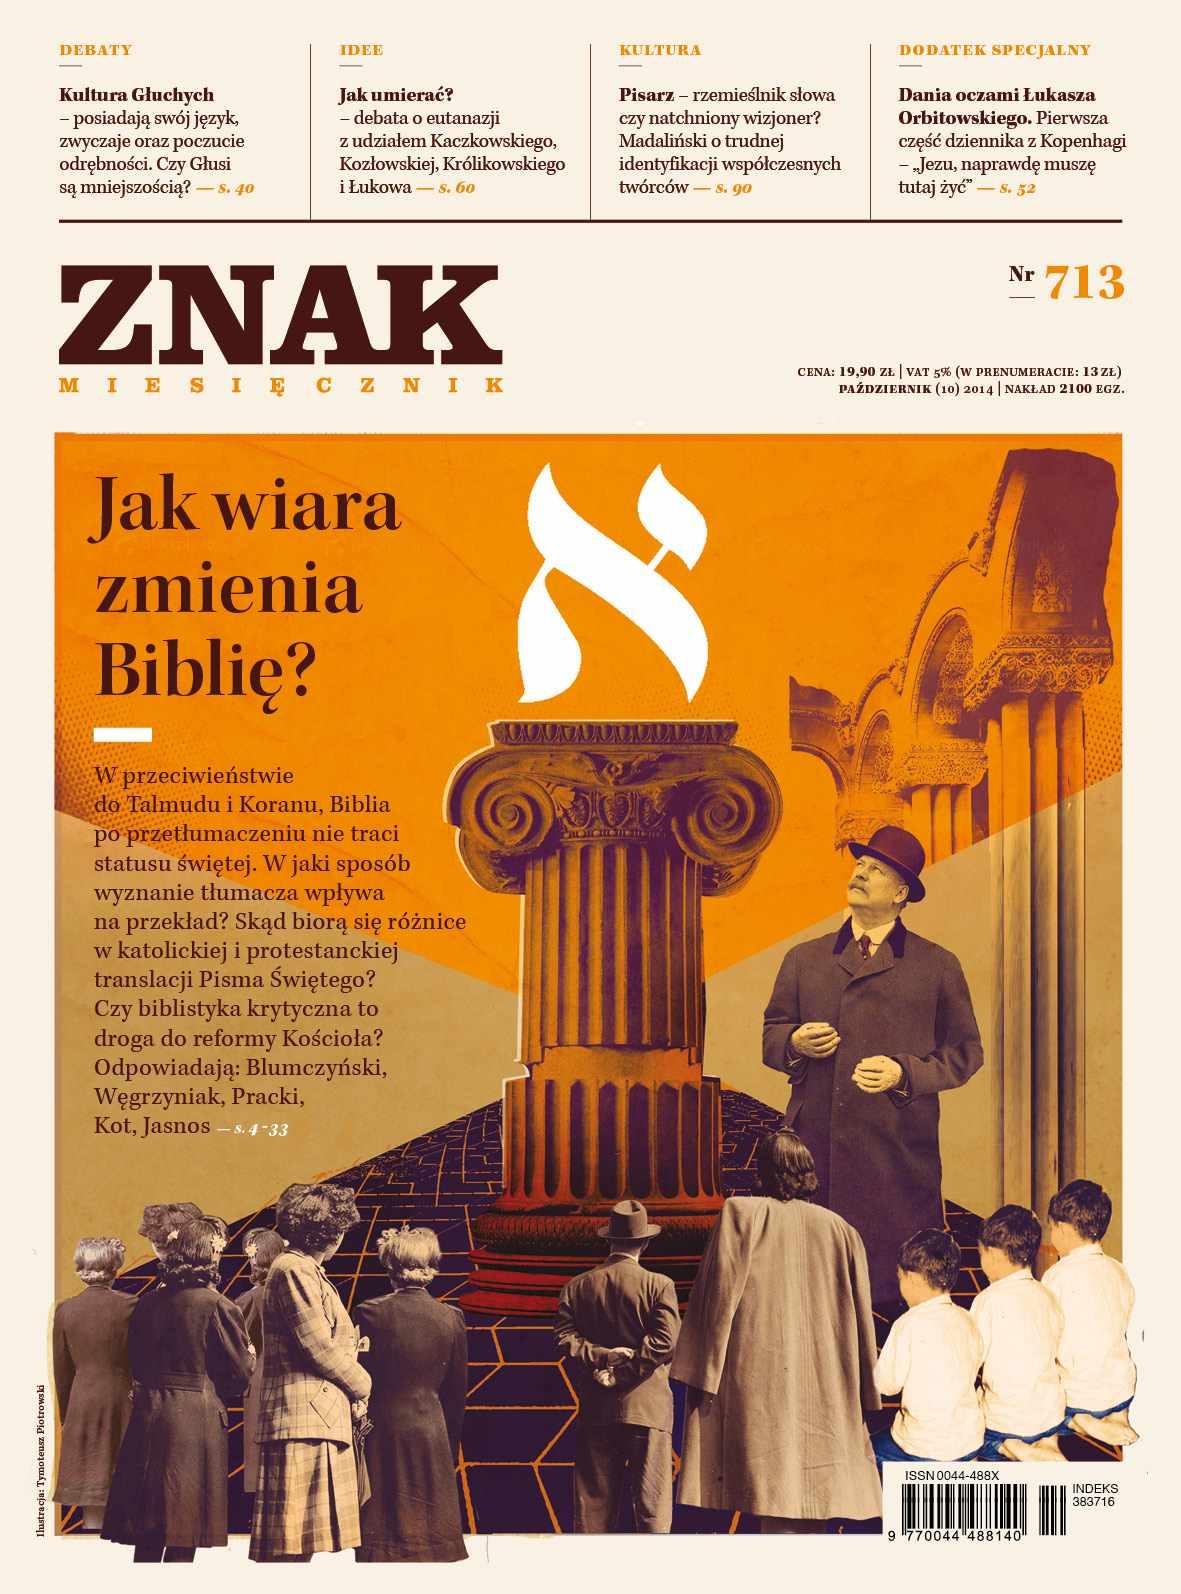 Miesięcznik Znak. Październik 2014 - Ebook (Książka PDF) do pobrania w formacie PDF